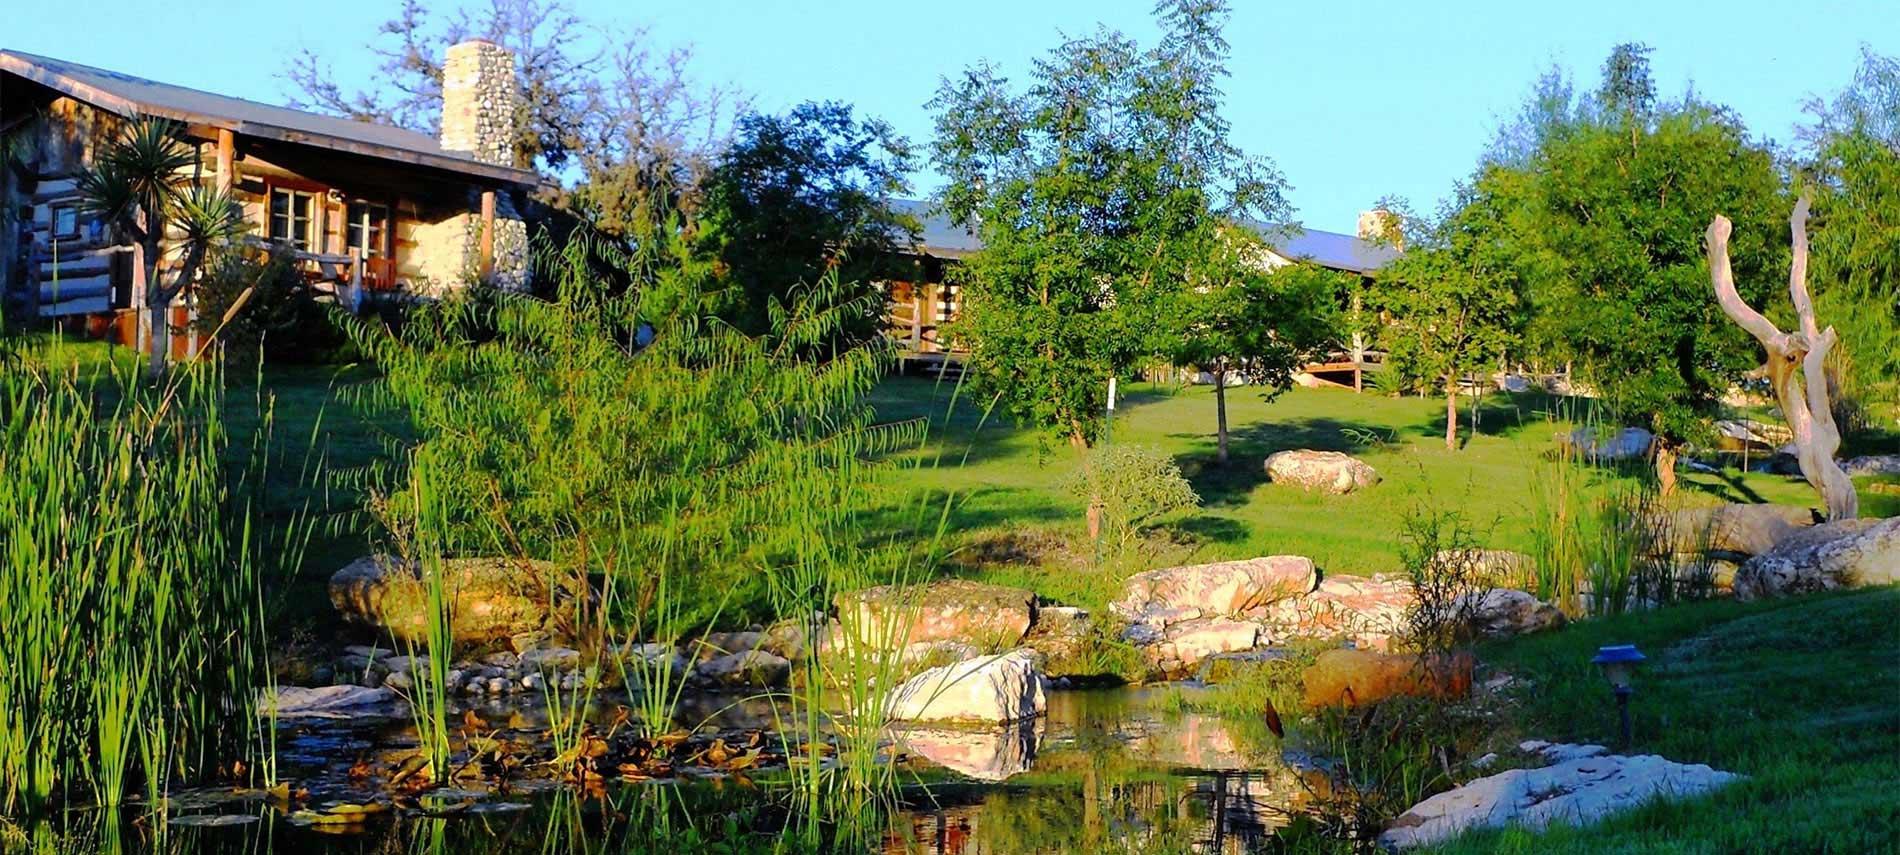 Fredericksburg TX Rentals  Gastehaus Schmidt  Texas Hill